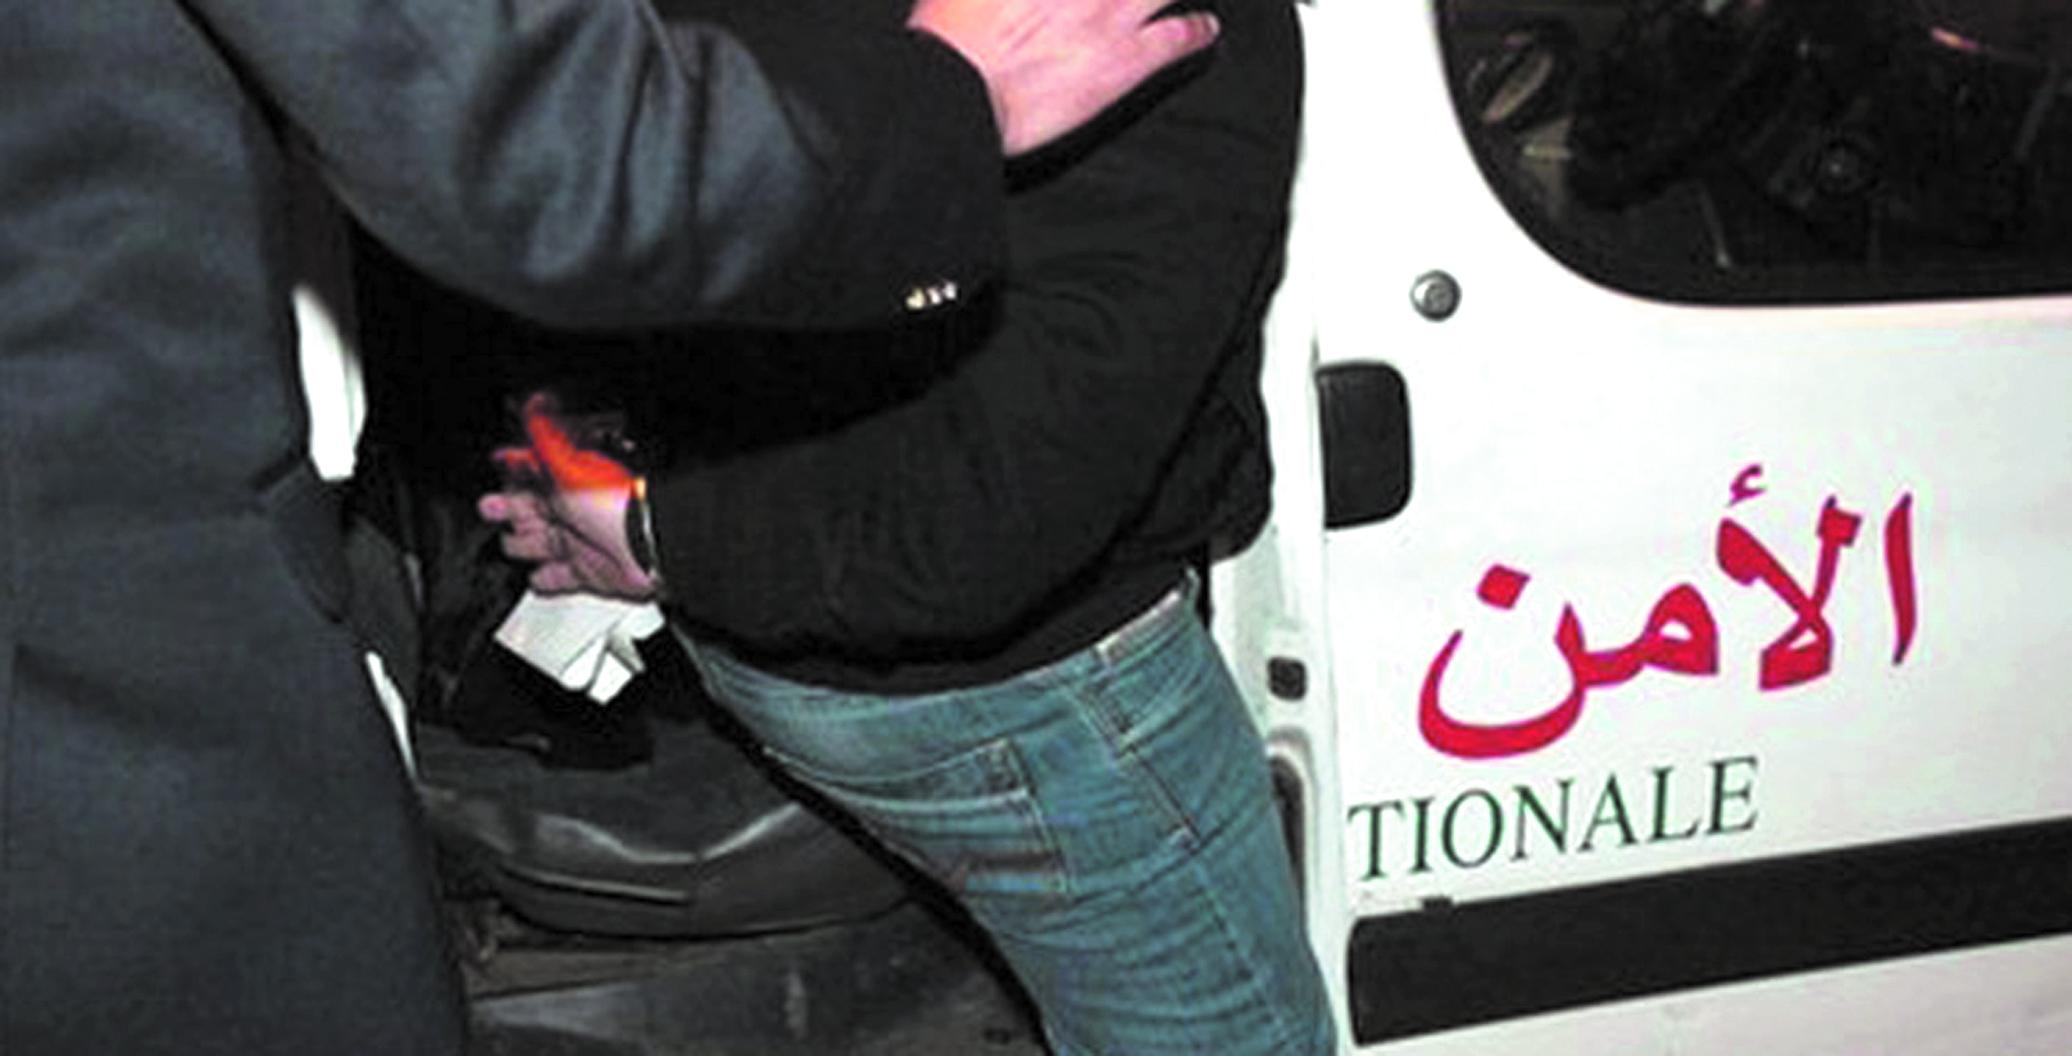 Démantèlement à Oujda d'une bande criminelle spécialisée dans la falsification de billets de banque